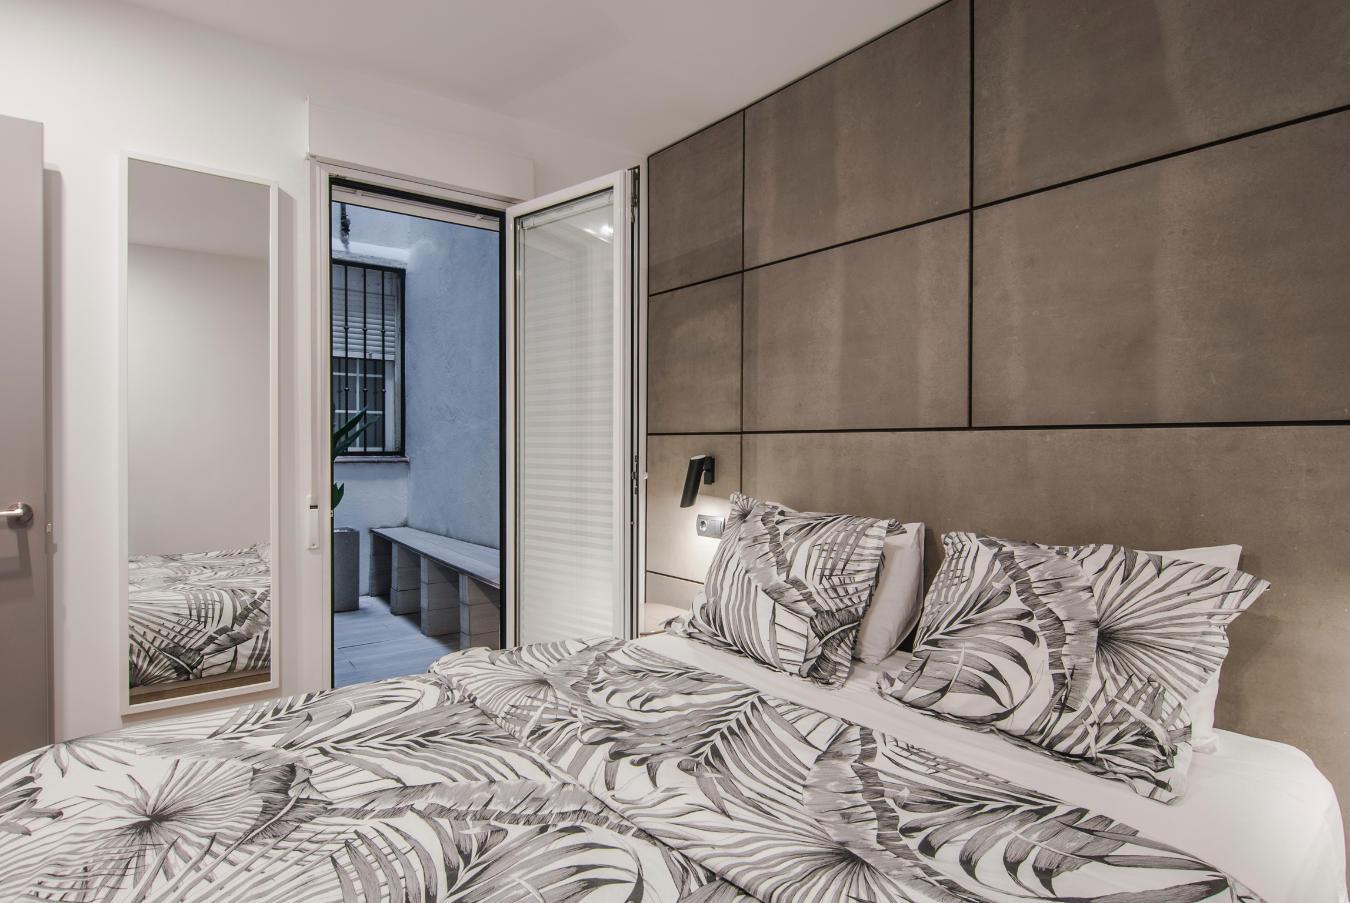 Dormitorio y patio San Vicente Ferrer